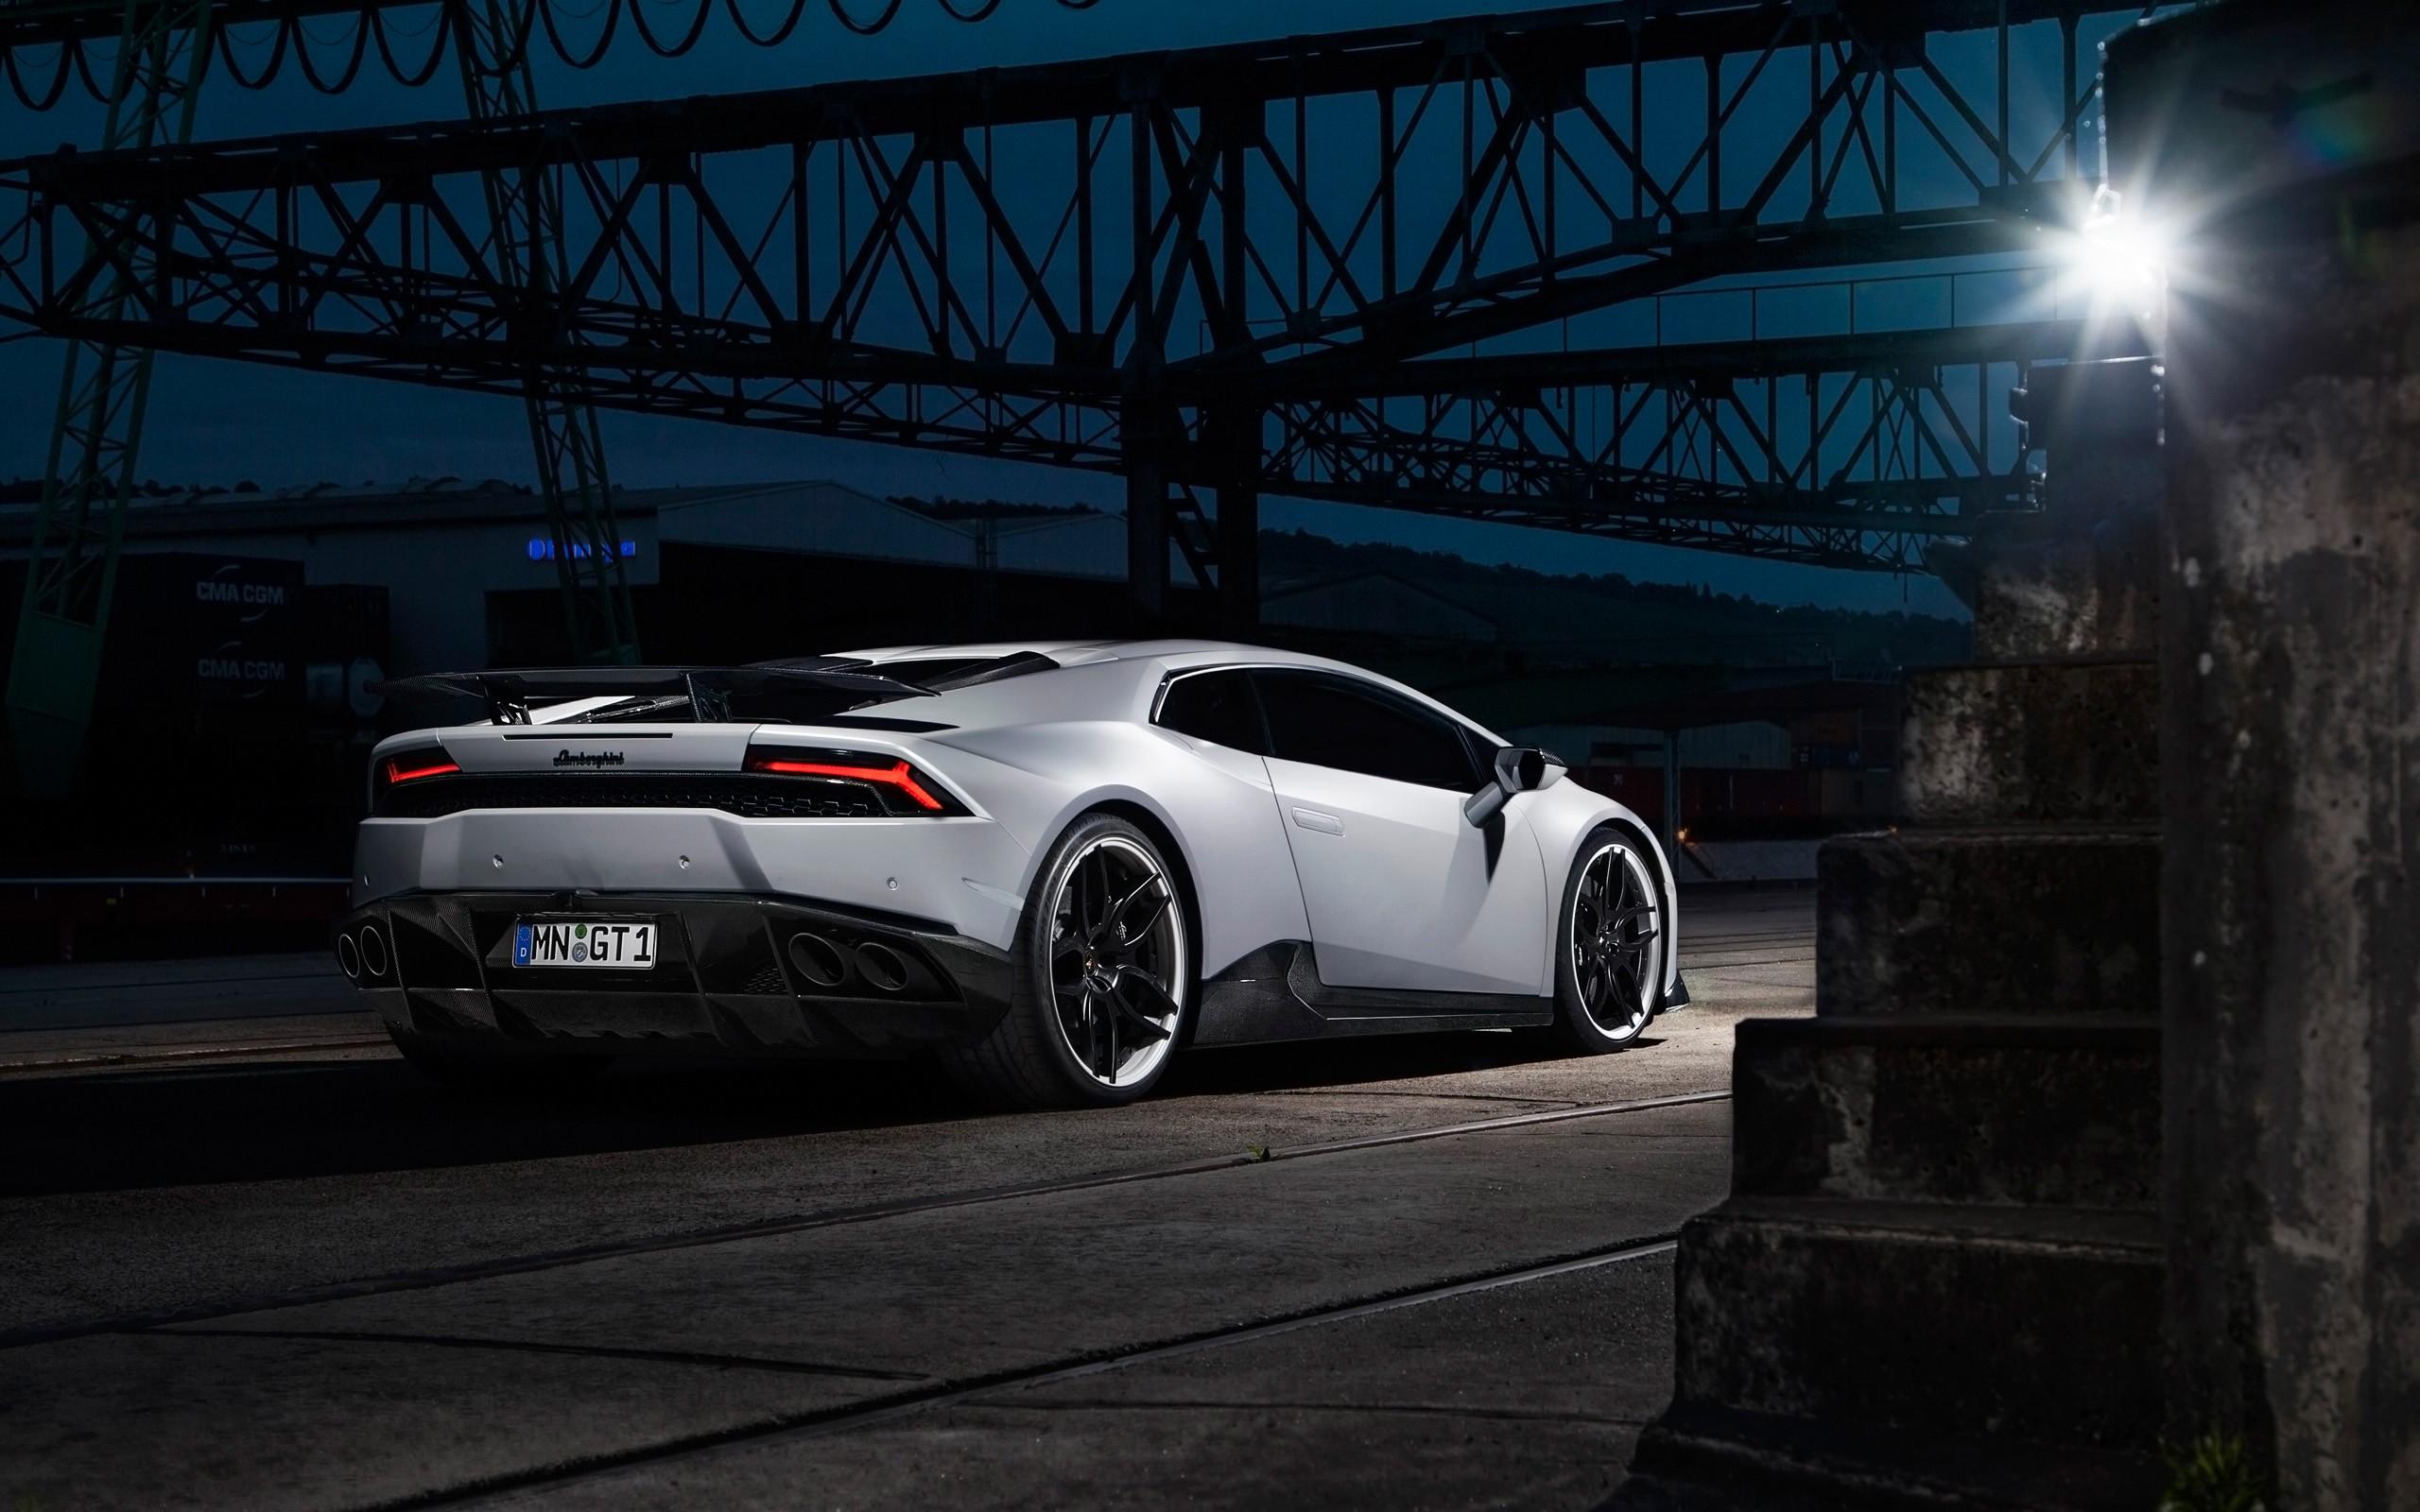 2015 Novitec Torado Lamborghini Huracan 3 Wallpaper   HD ...